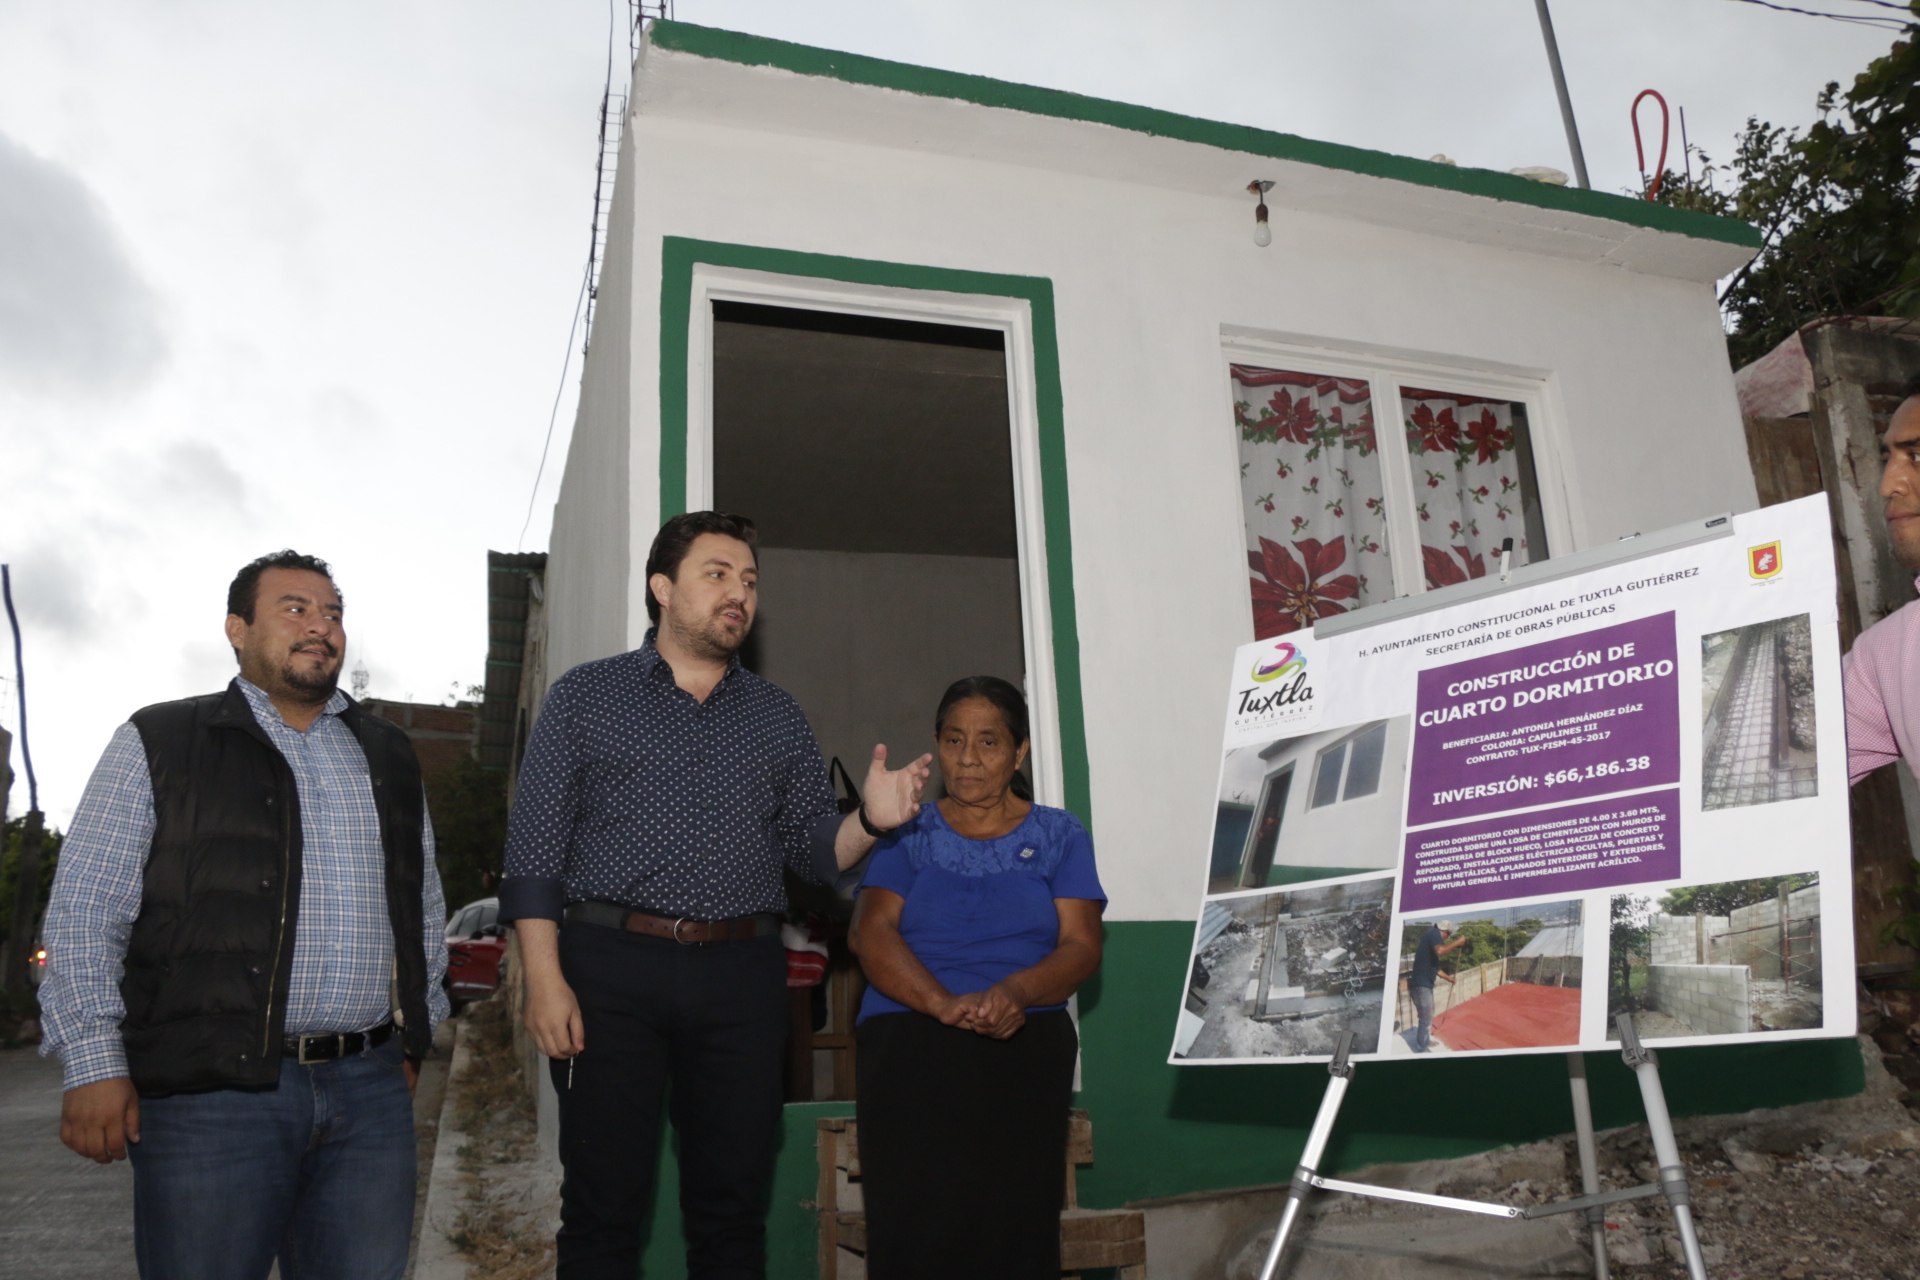 Entrega Fernando Castellanos cuartos dormitorios para fortalecer el combate al hacinamiento en Tuxtla